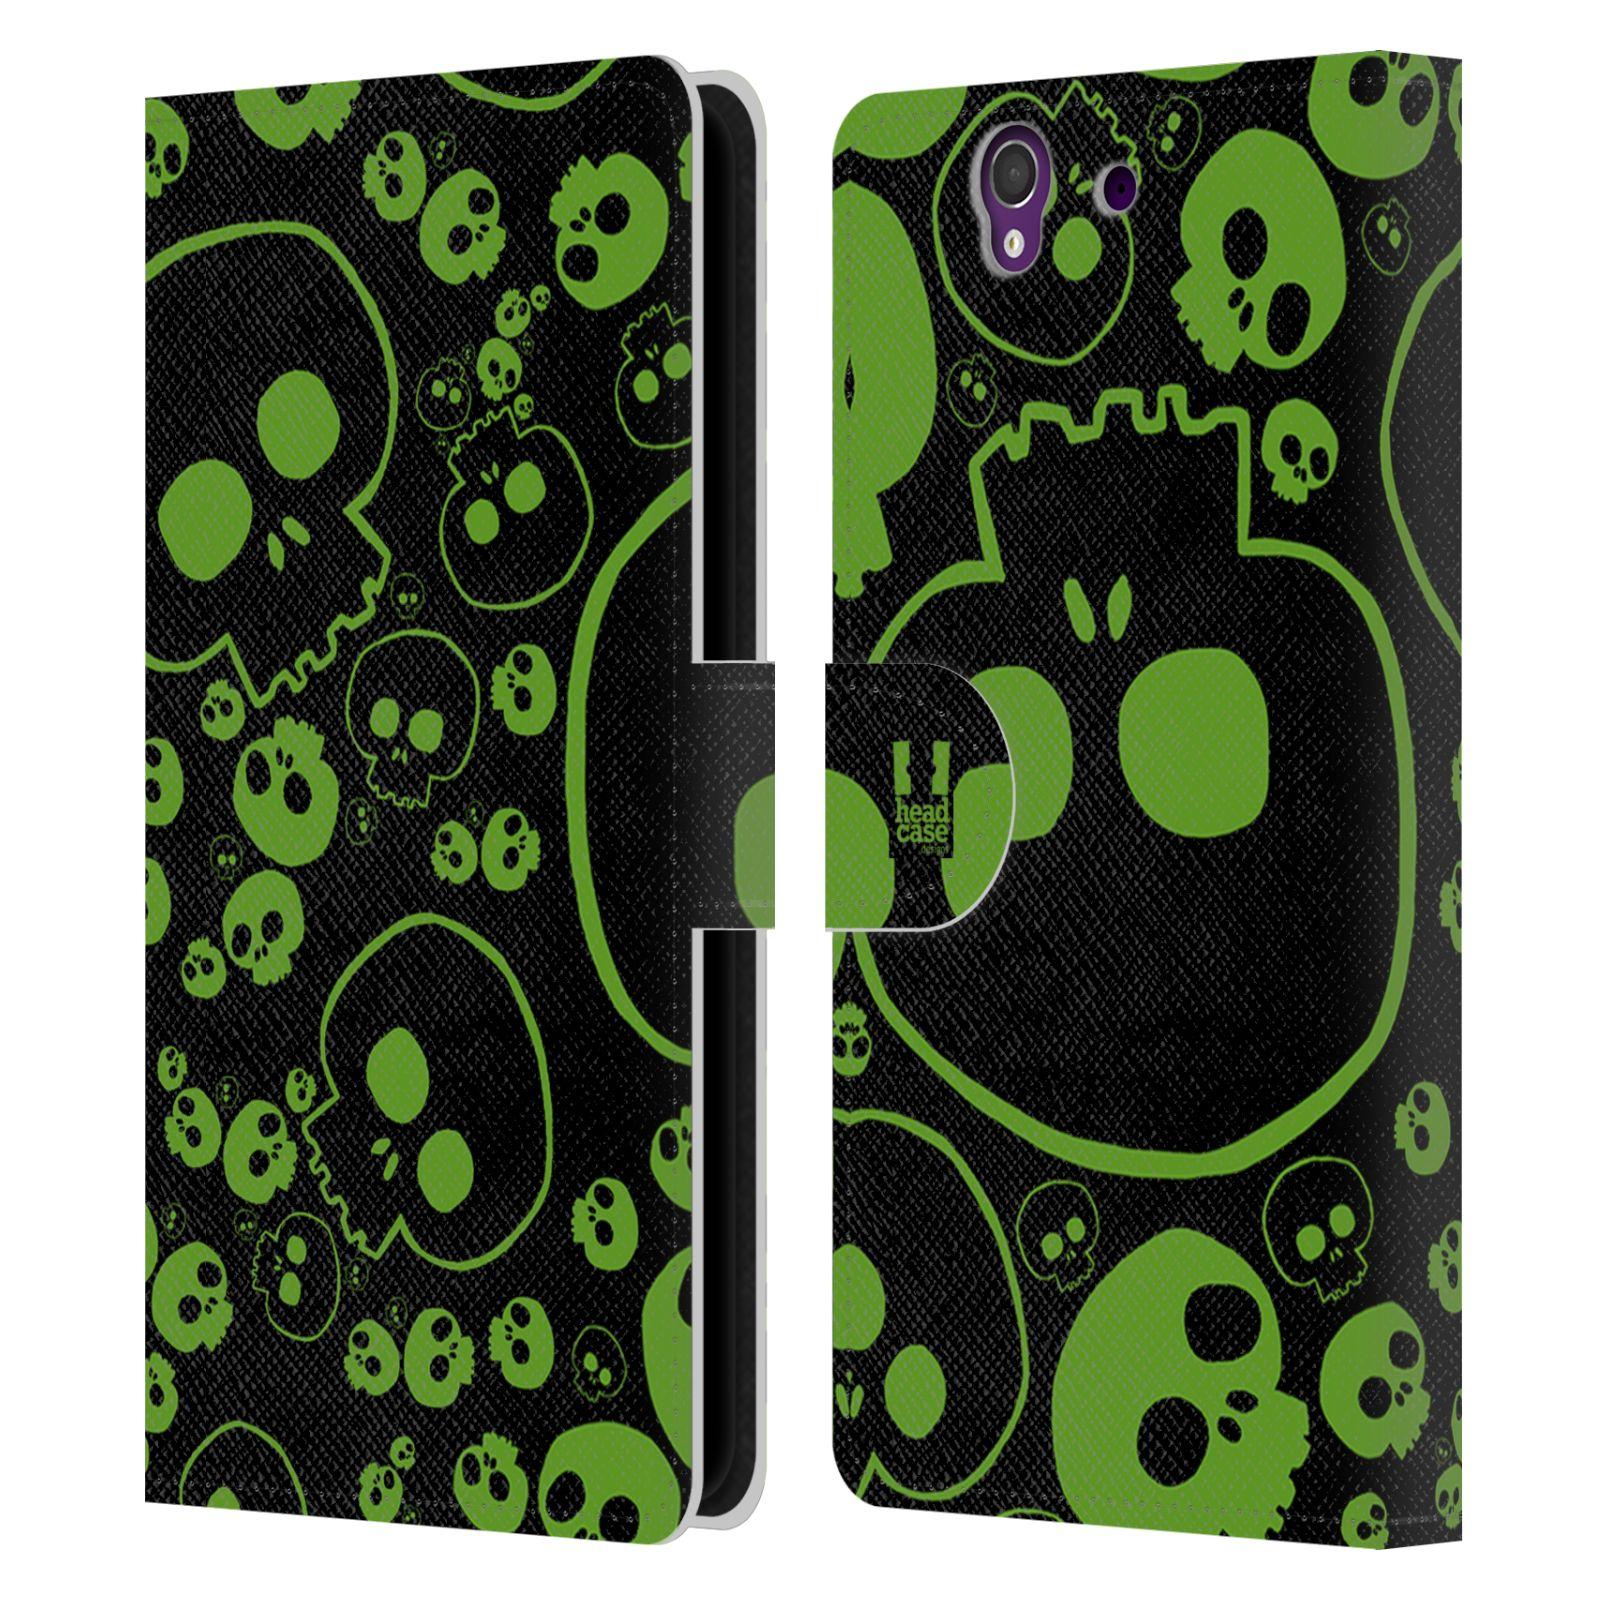 HEAD CASE Flipové pouzdro pro mobil SONY XPERIA Z (C6603) barevné lebky zelená